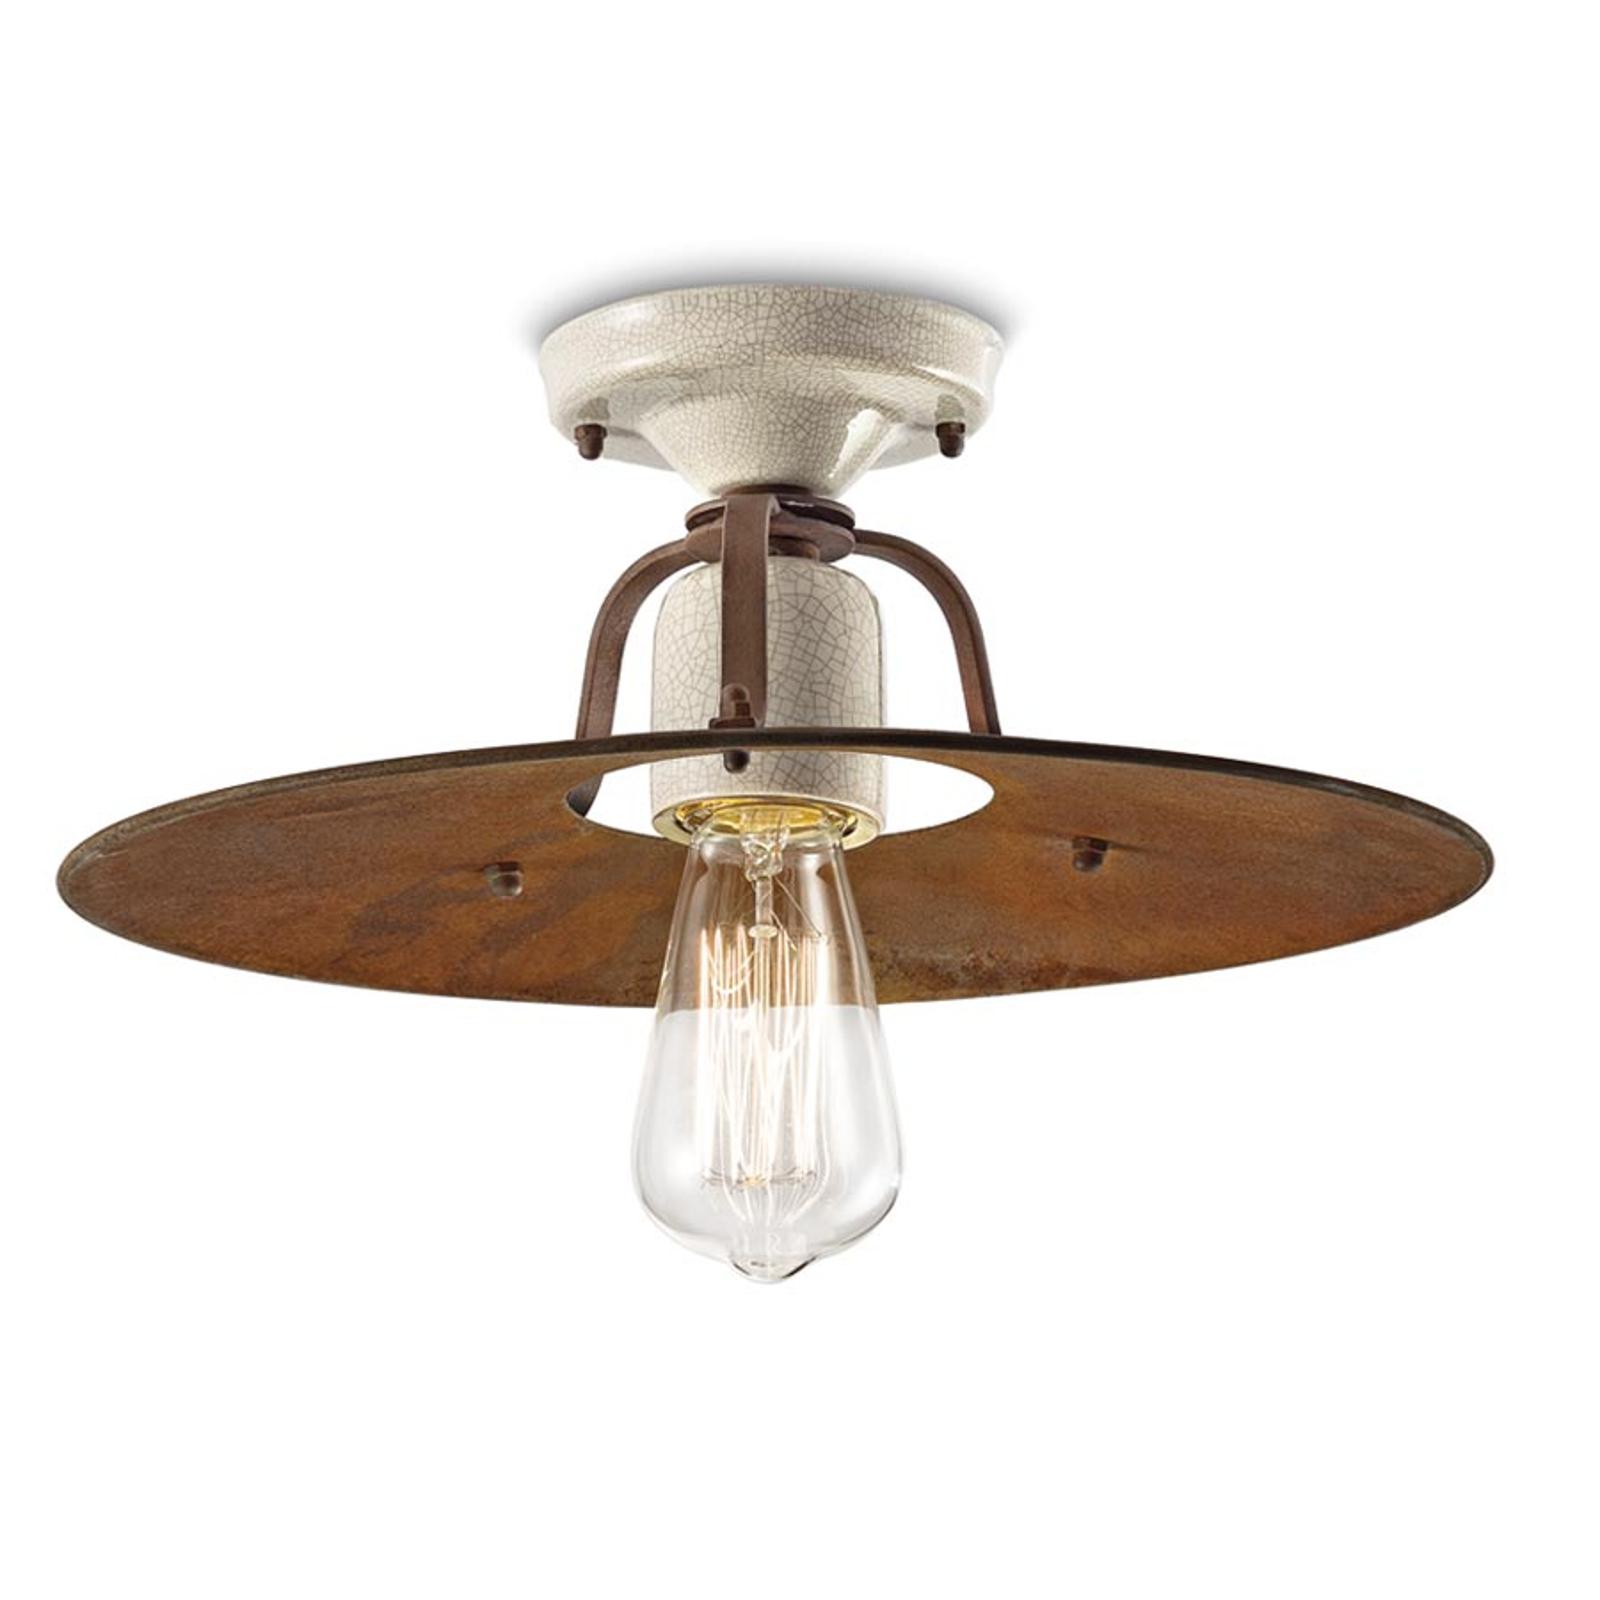 Lampa sufitowa Riccardo z metalowym kloszem, 40 cm